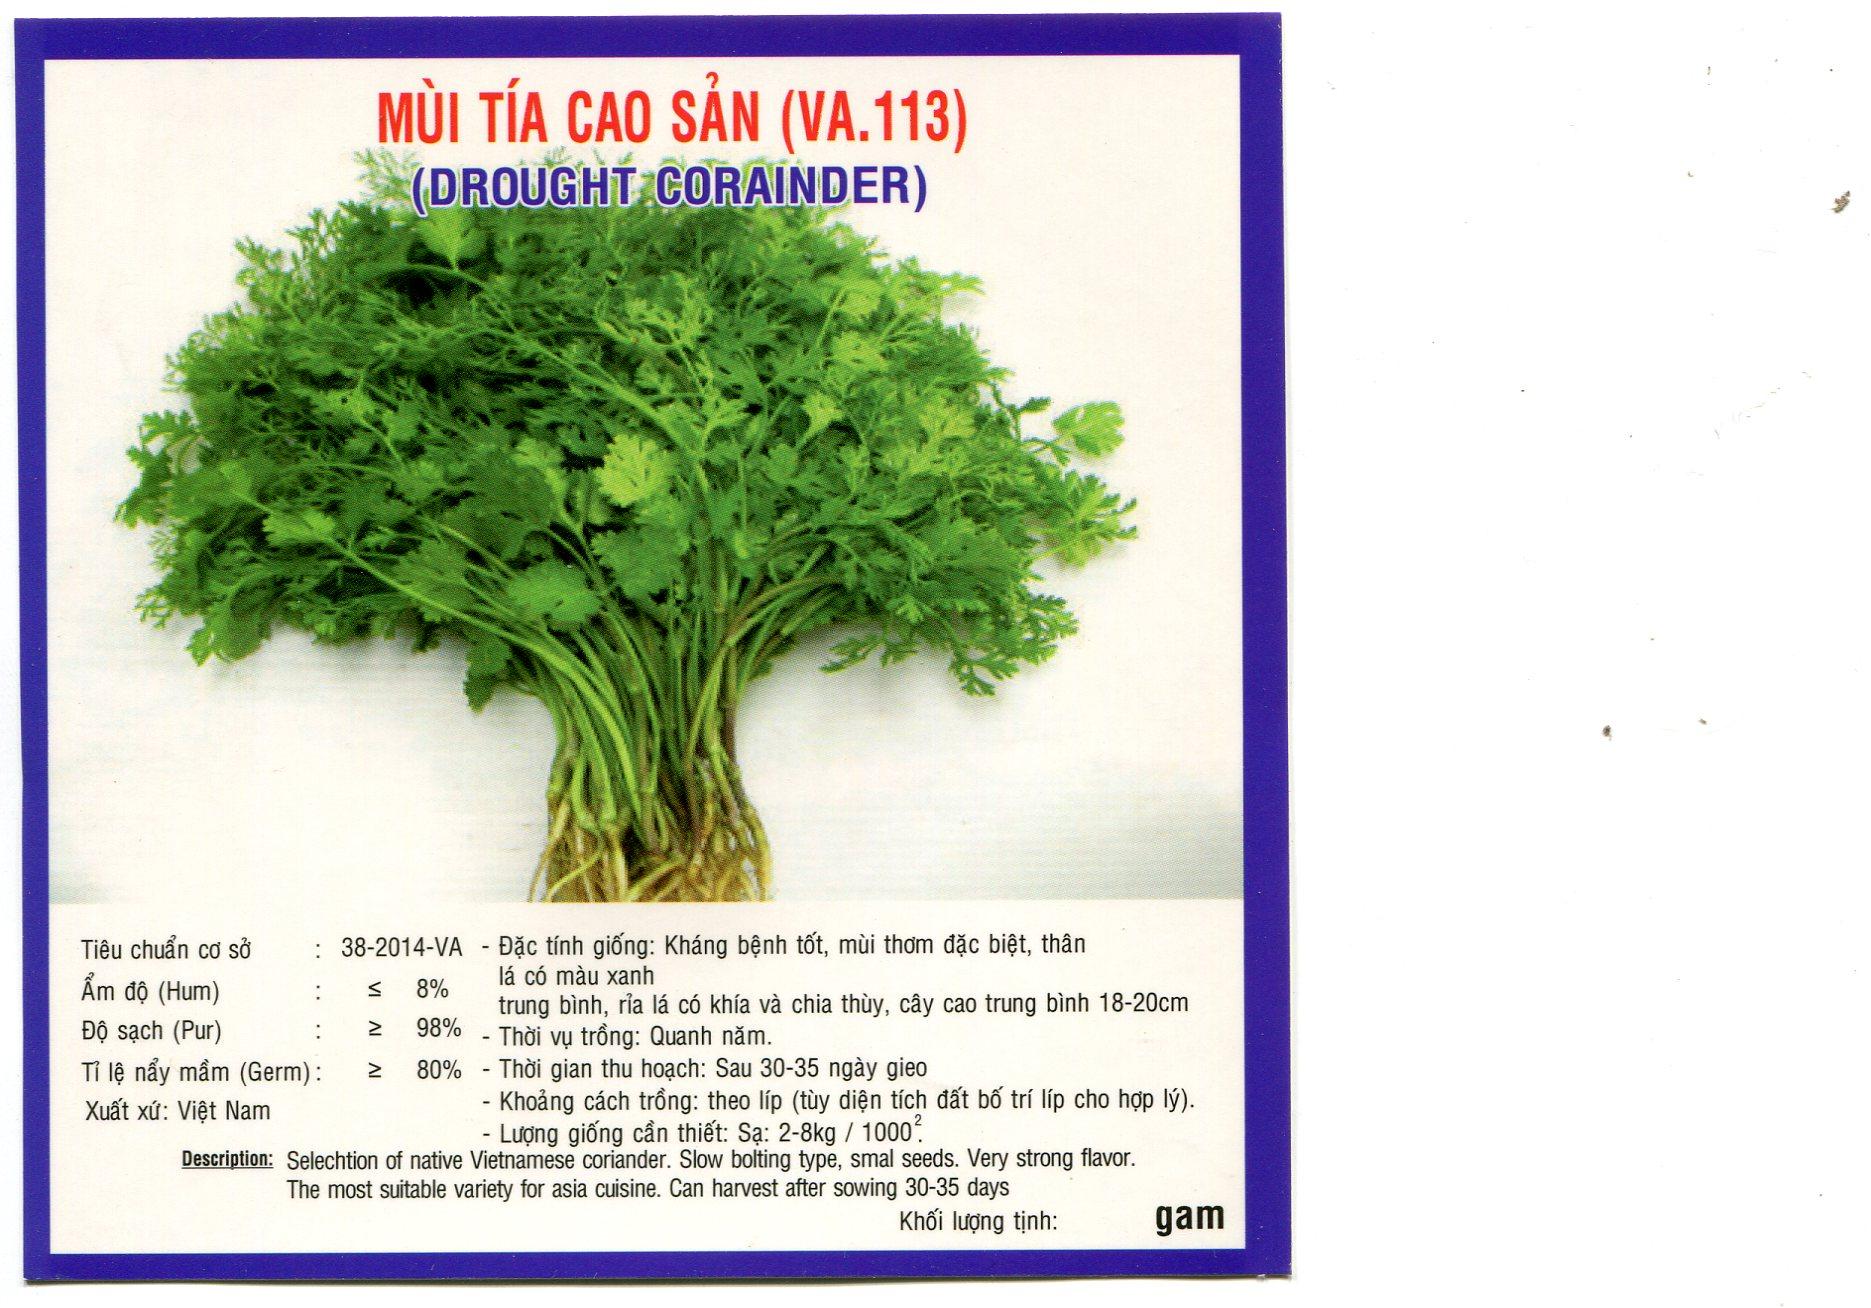 Kĩ thuật trồng rau ngò rí (rau mùi)